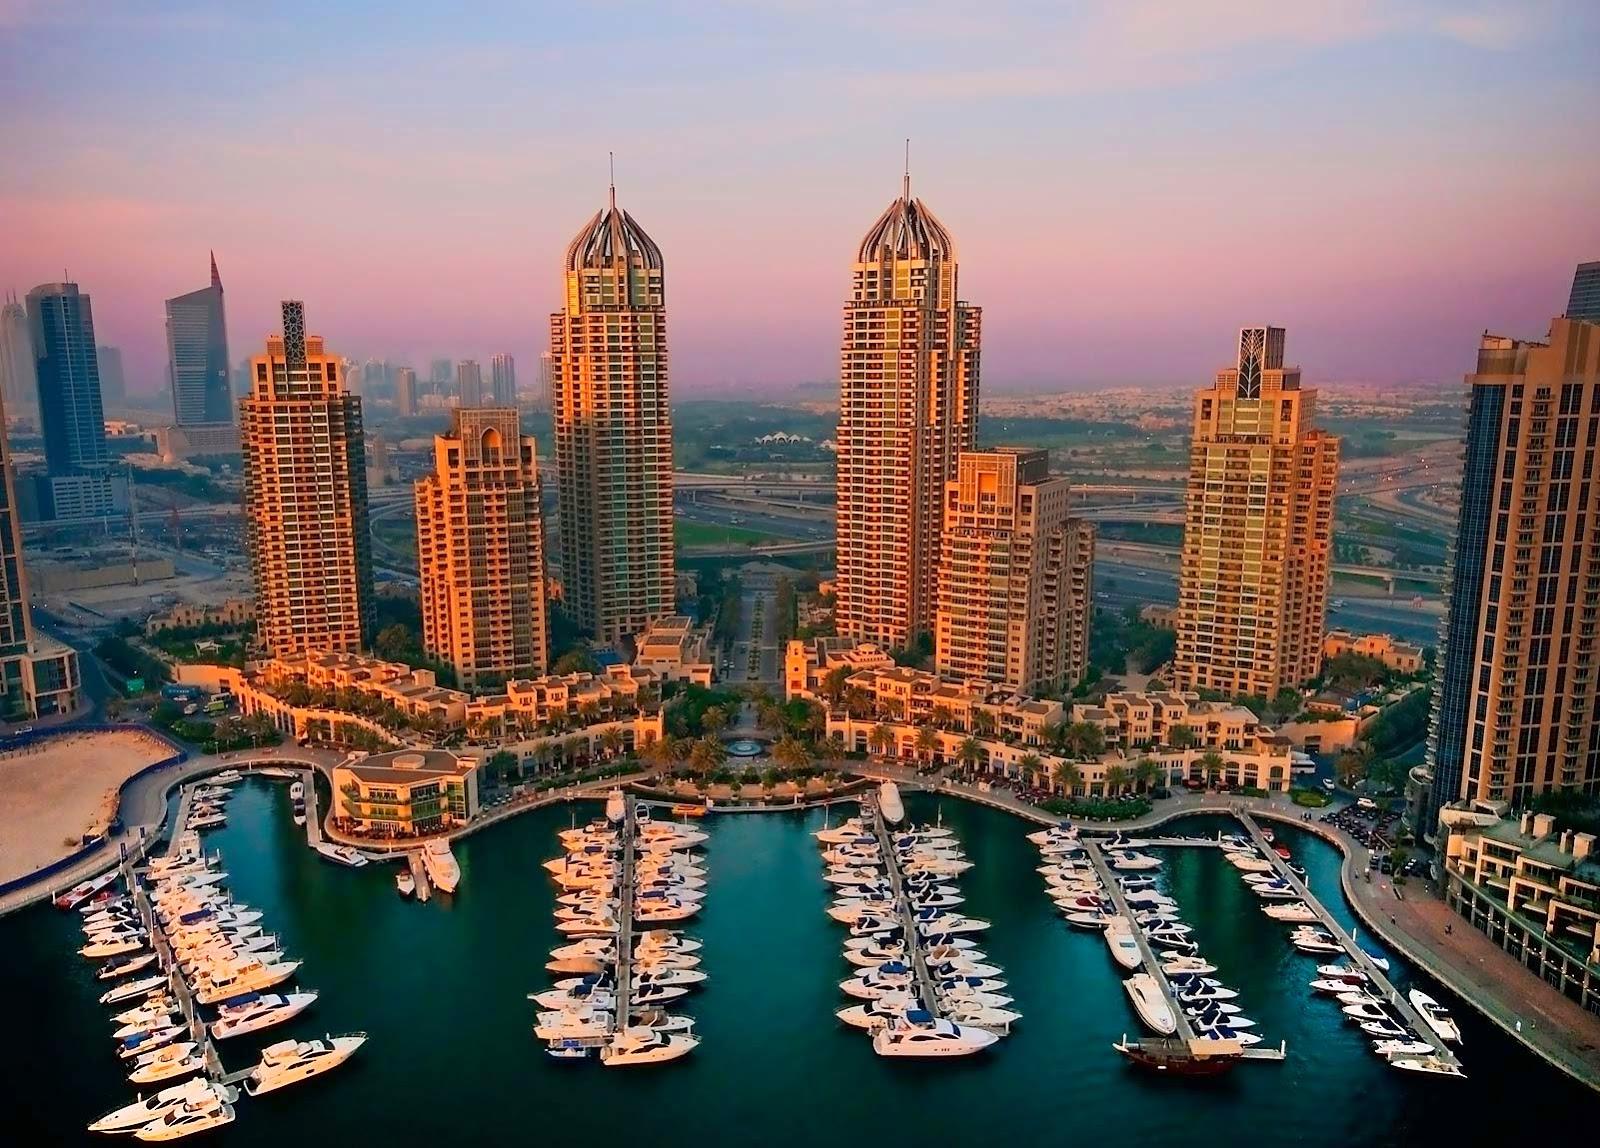 Kết quả hình ảnh cho vịnh Dubai Marina